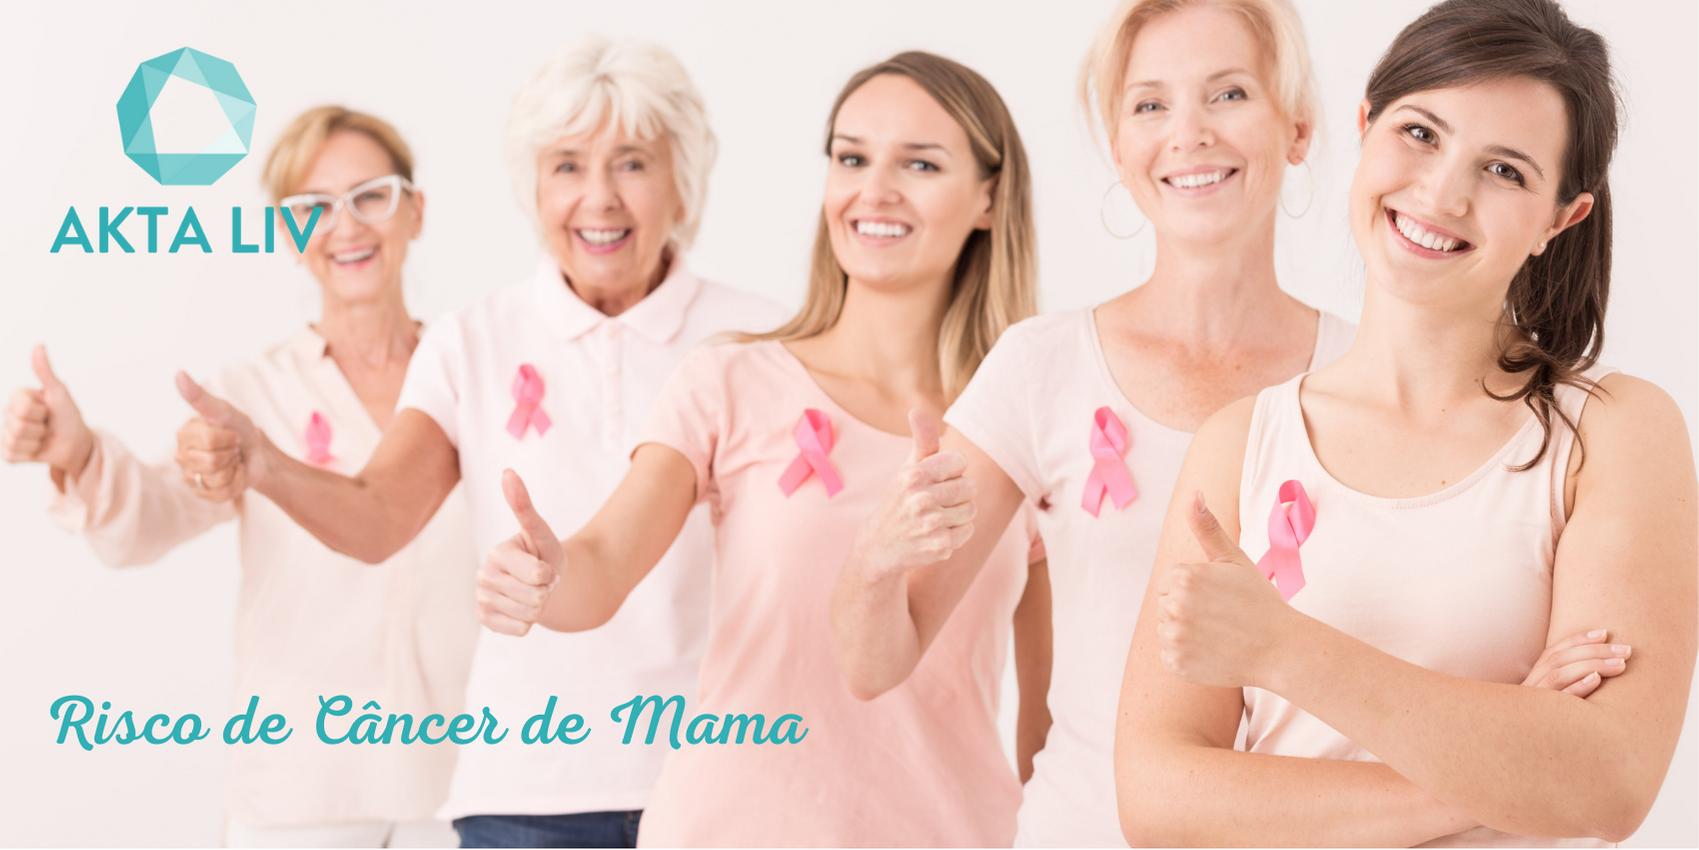 AKTA-Liv-Mastologia-Vila-Mariana-risco-de-cancer-de-mama